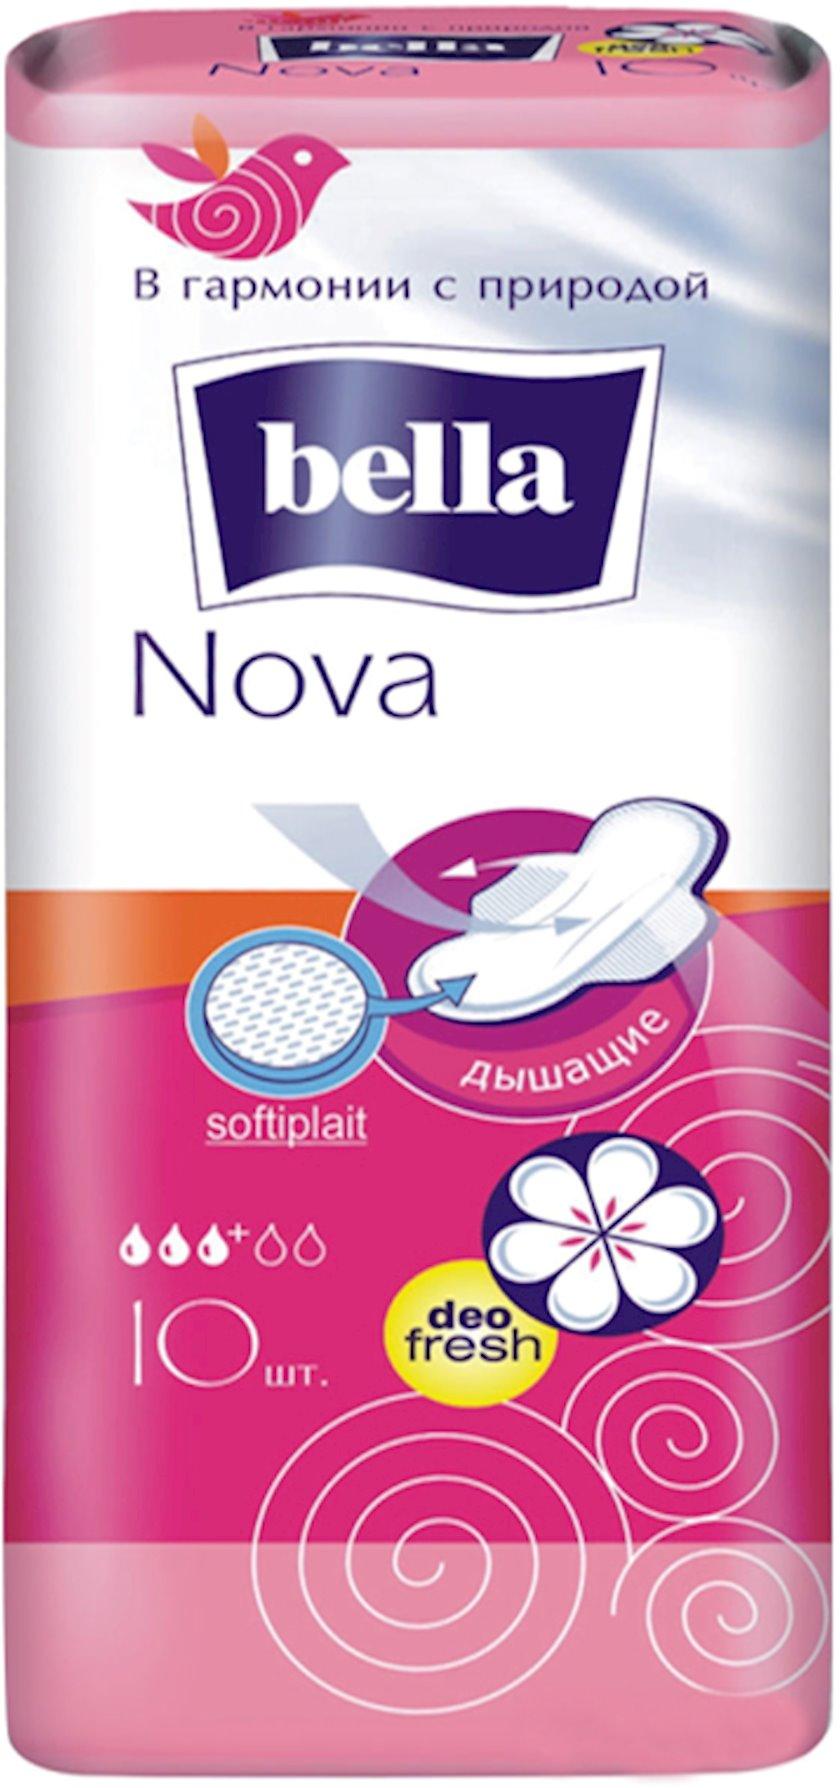 Gigiyenik bezlər Bella Nova Deo Fresh, 10 əd